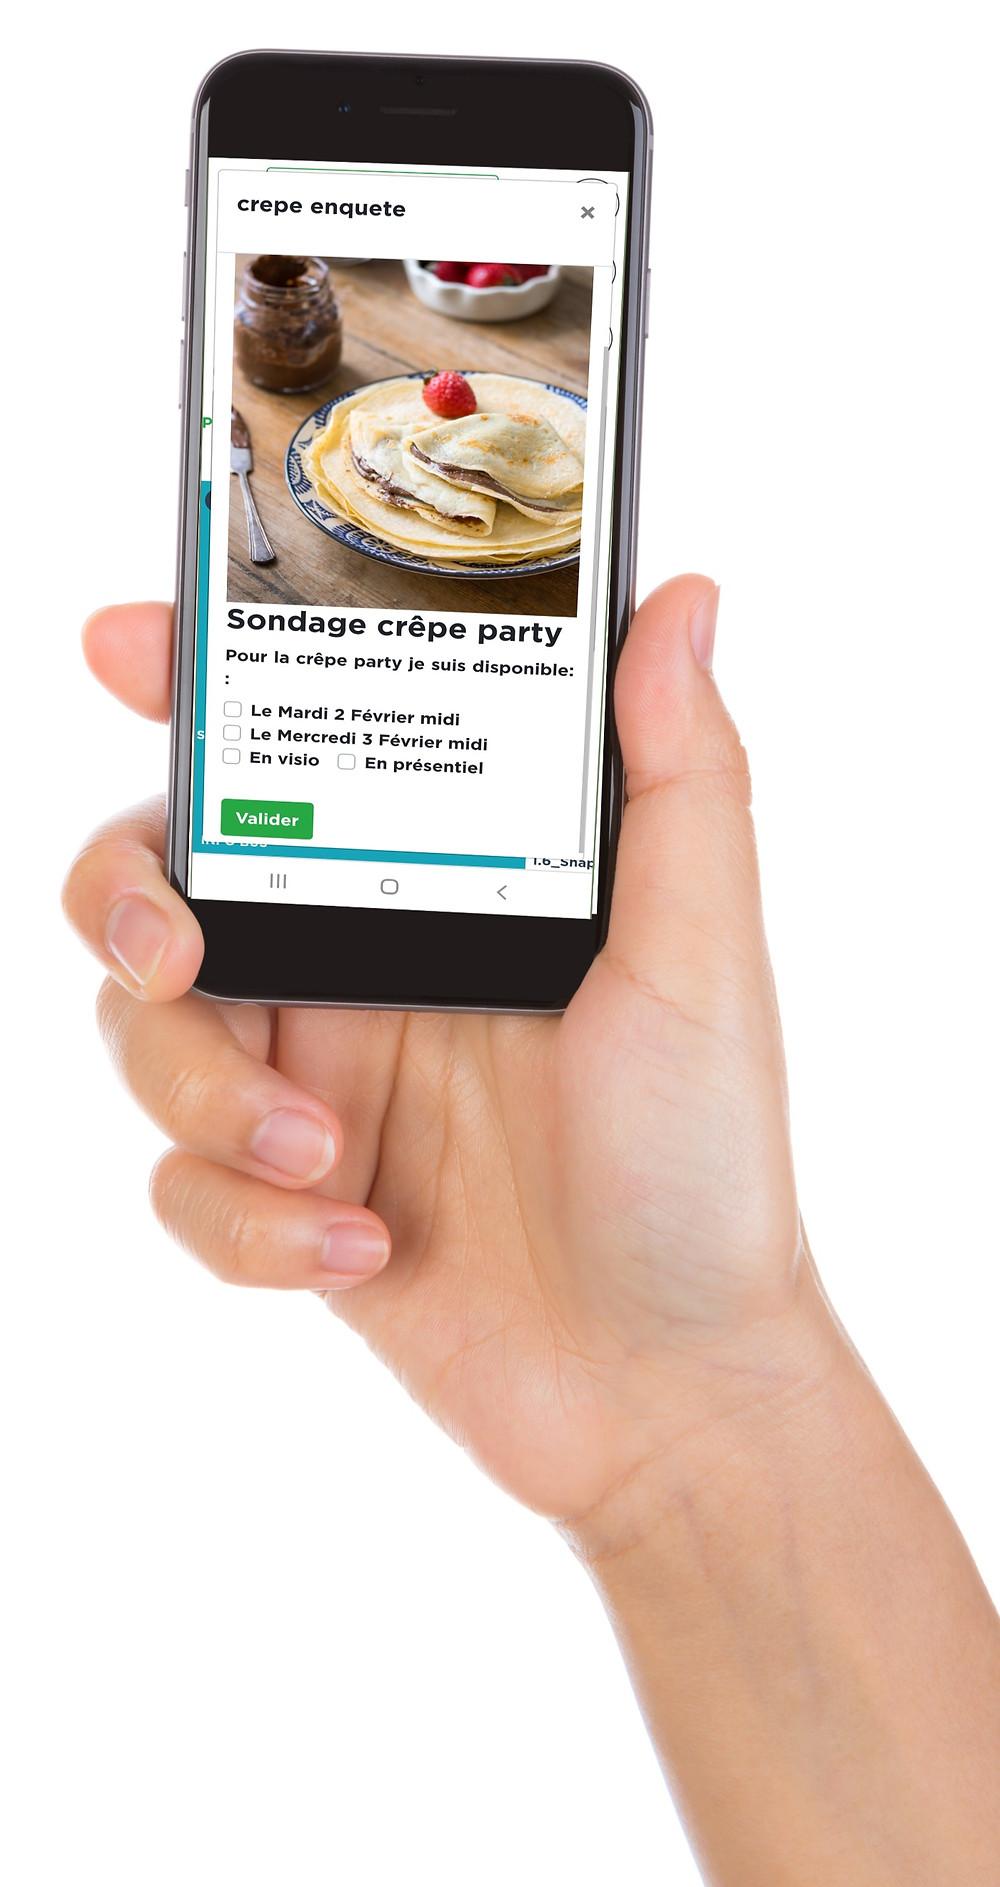 Affichage en entreprise écrans communication interne enquêtes